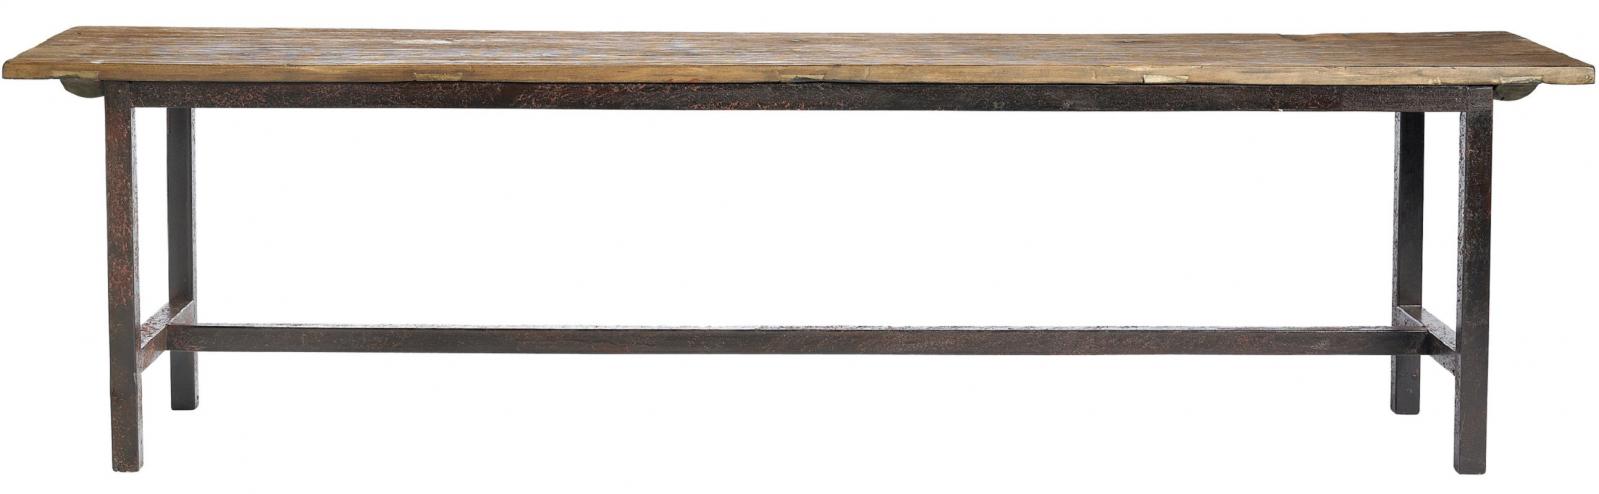 Nordal - Raw Bænk - Længde 100 cm - Natur - bænk